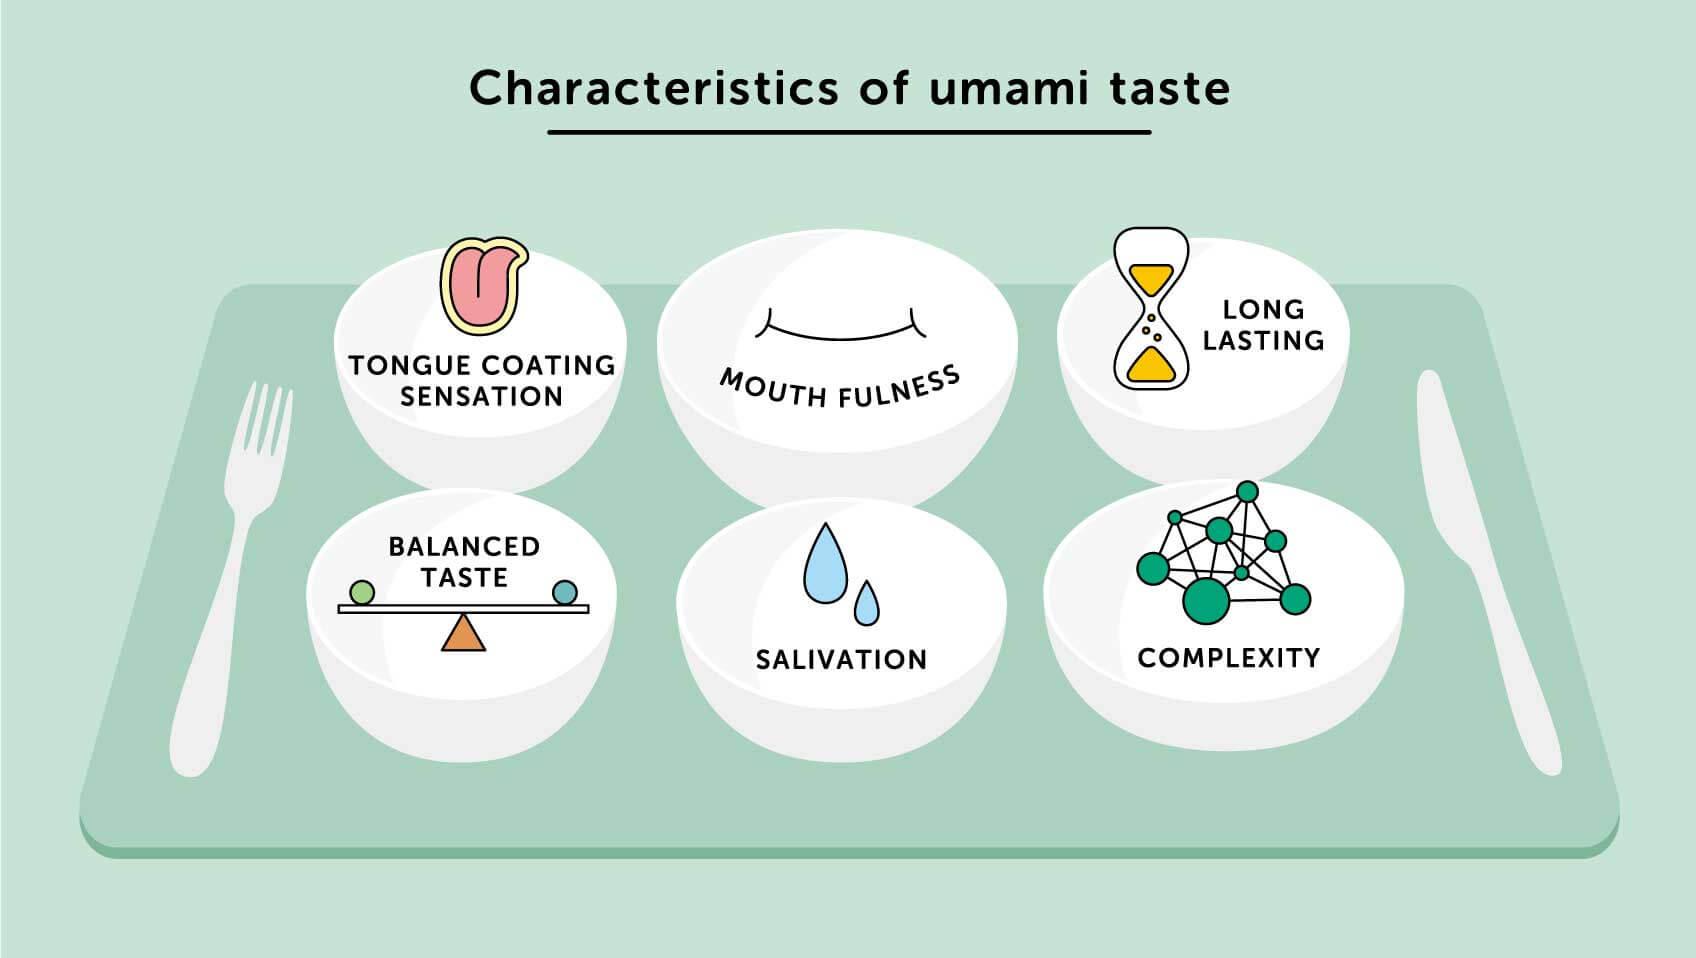 ลักษณะของรสชาติอูมามิคืออะไร